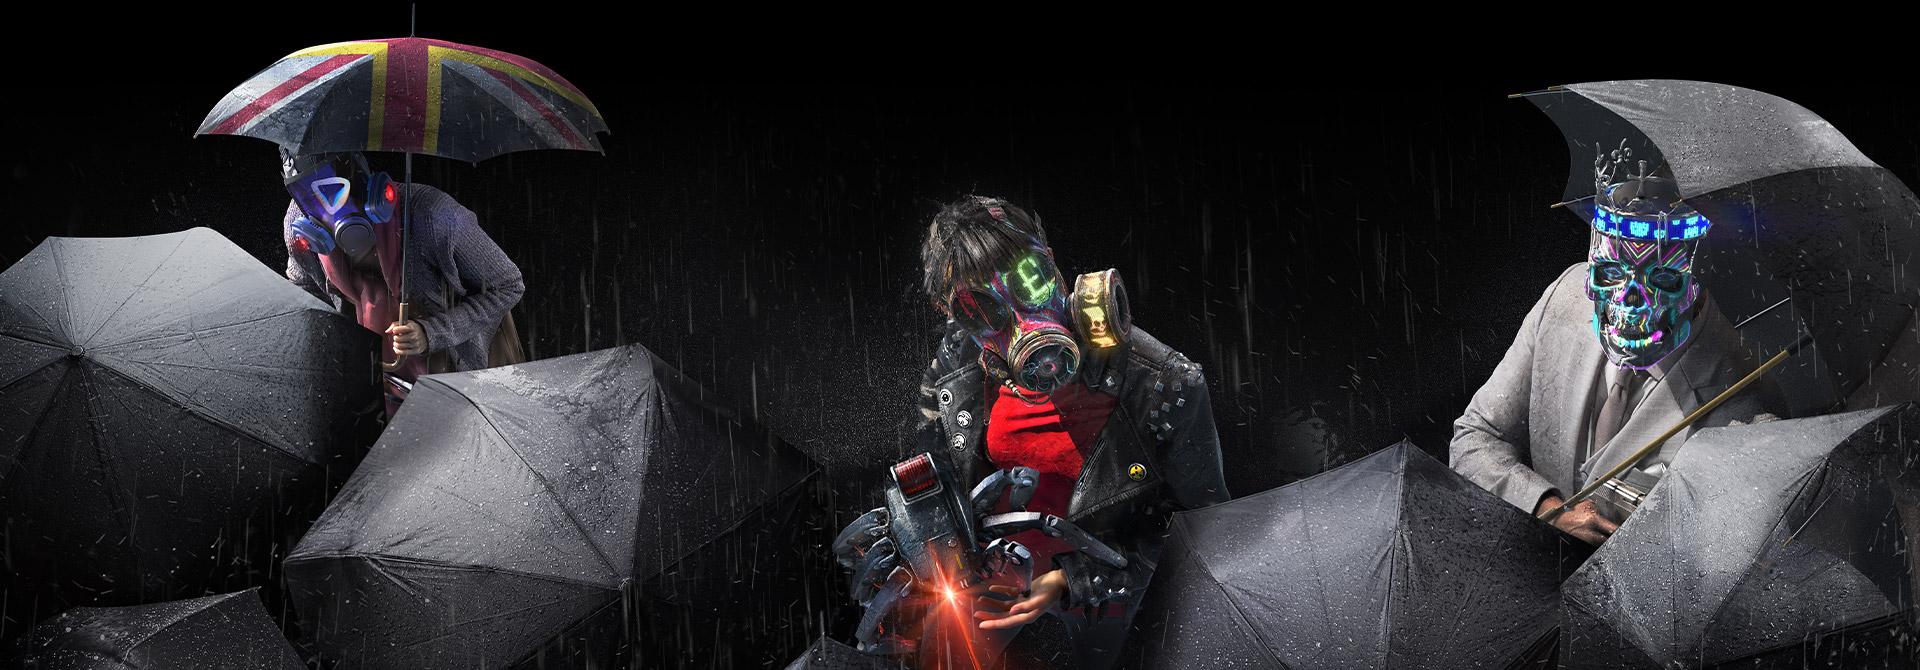 Karakterer fra Watch Dogs: Legion blandt sorte paraplyer